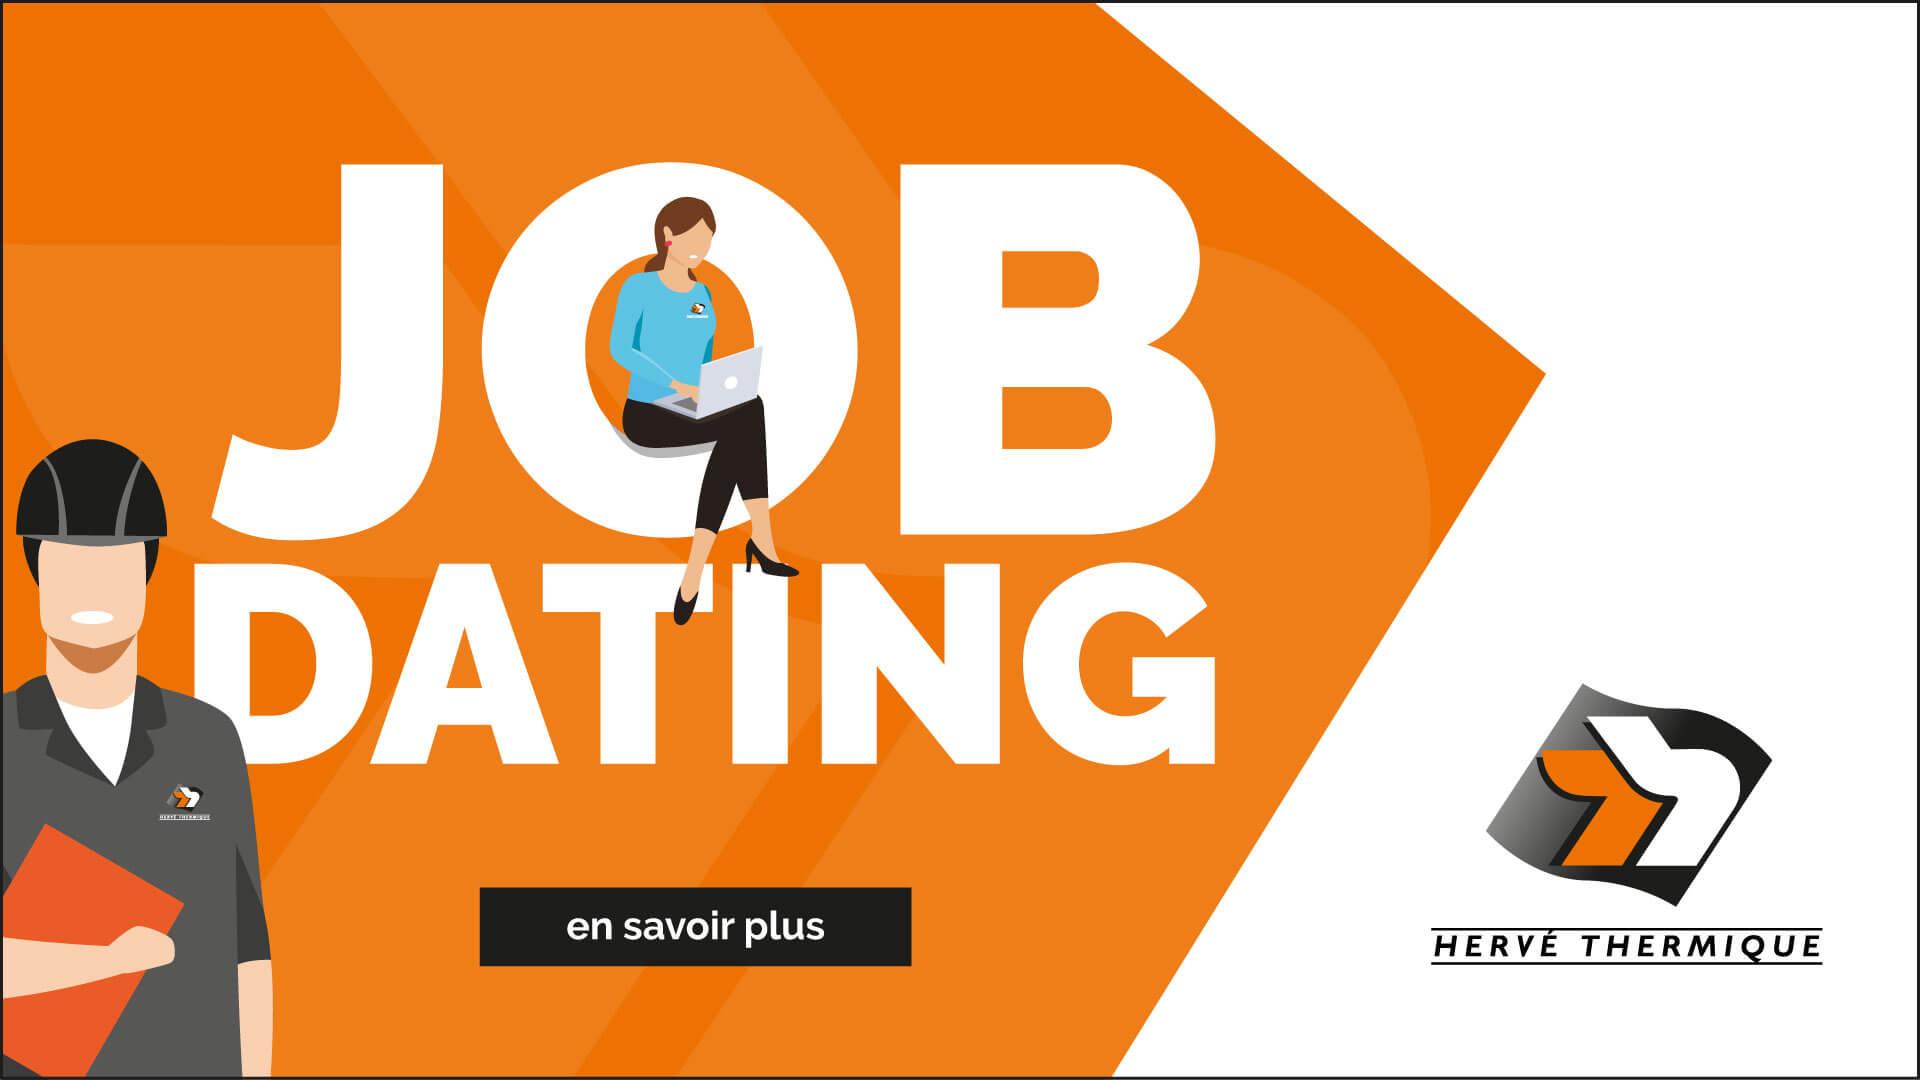 Job dating